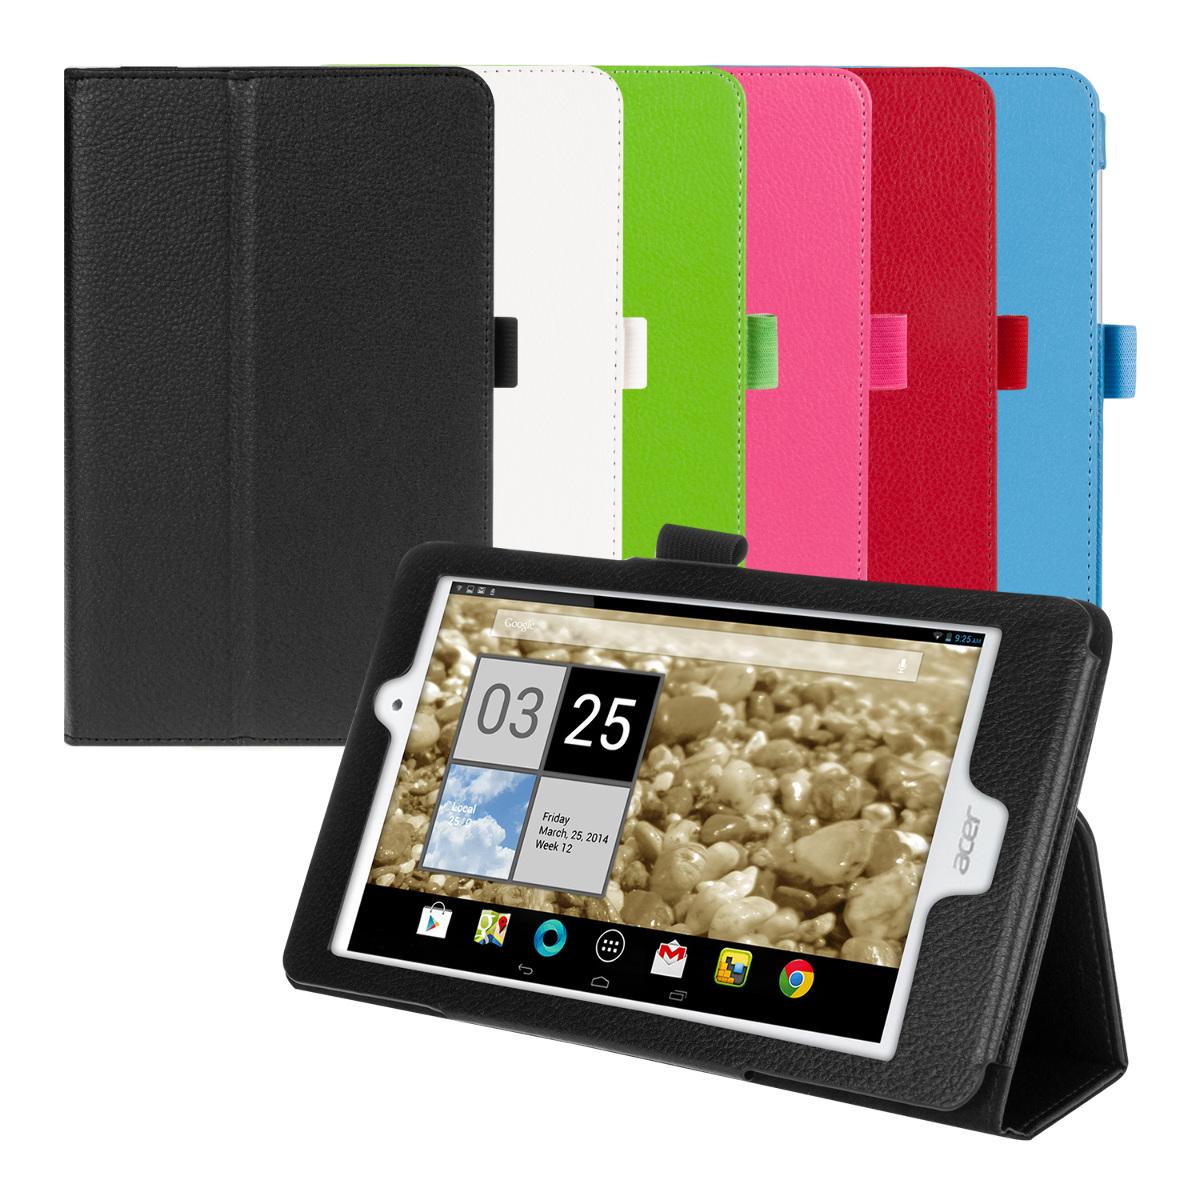 Capa PU Pele Acer Iconia Tab 8 A1-840 FHD